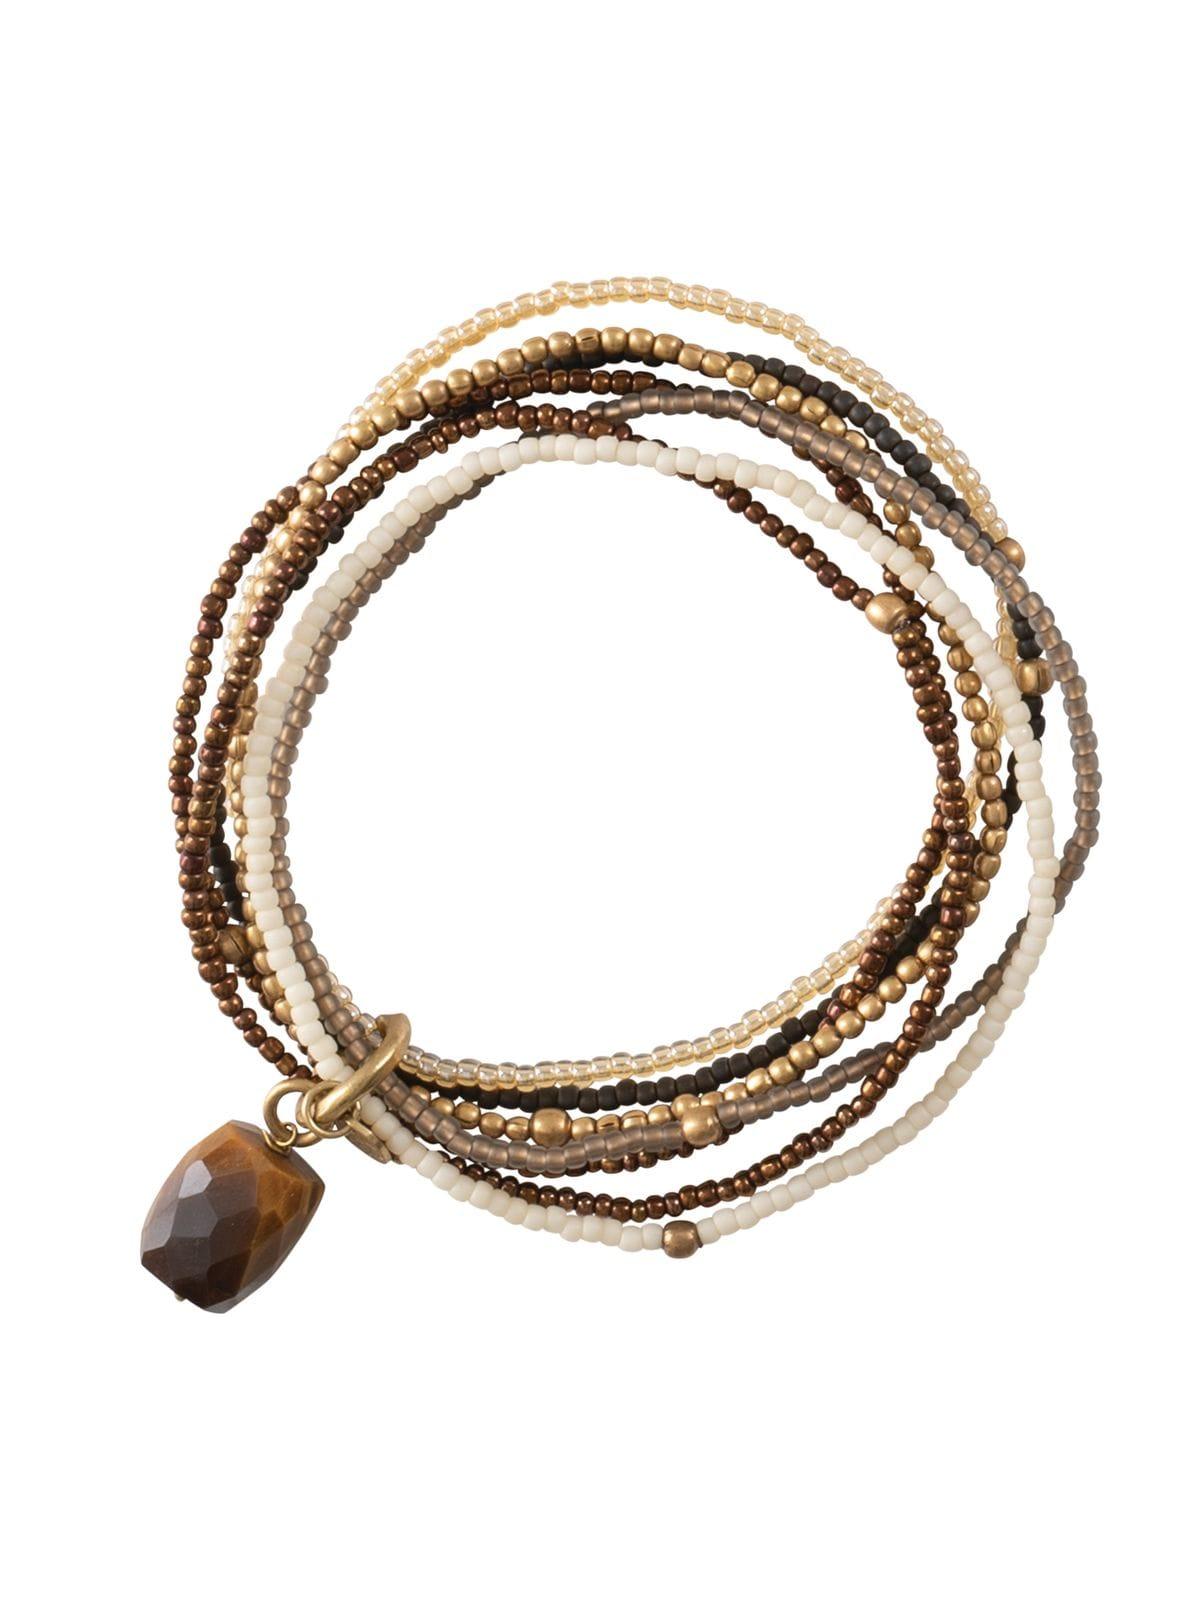 BL23353-Nirmala Tiger Eye Gold Bracelet_1200x1600